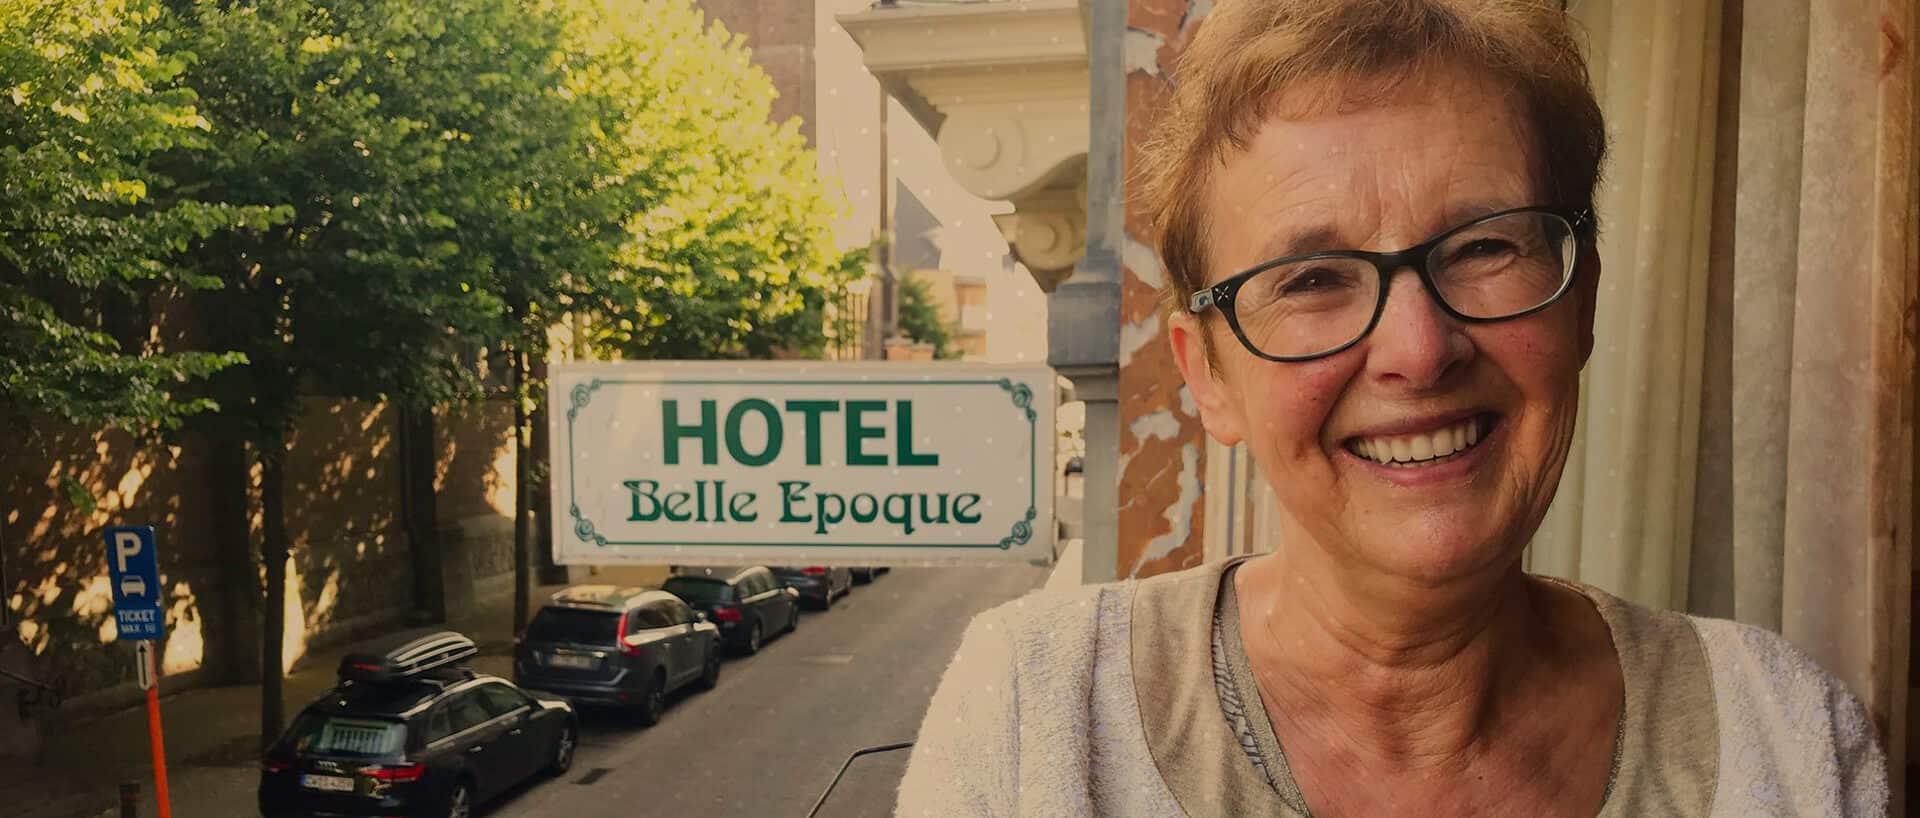 Getuigenis hotel Belle Epoque te Blankenberge